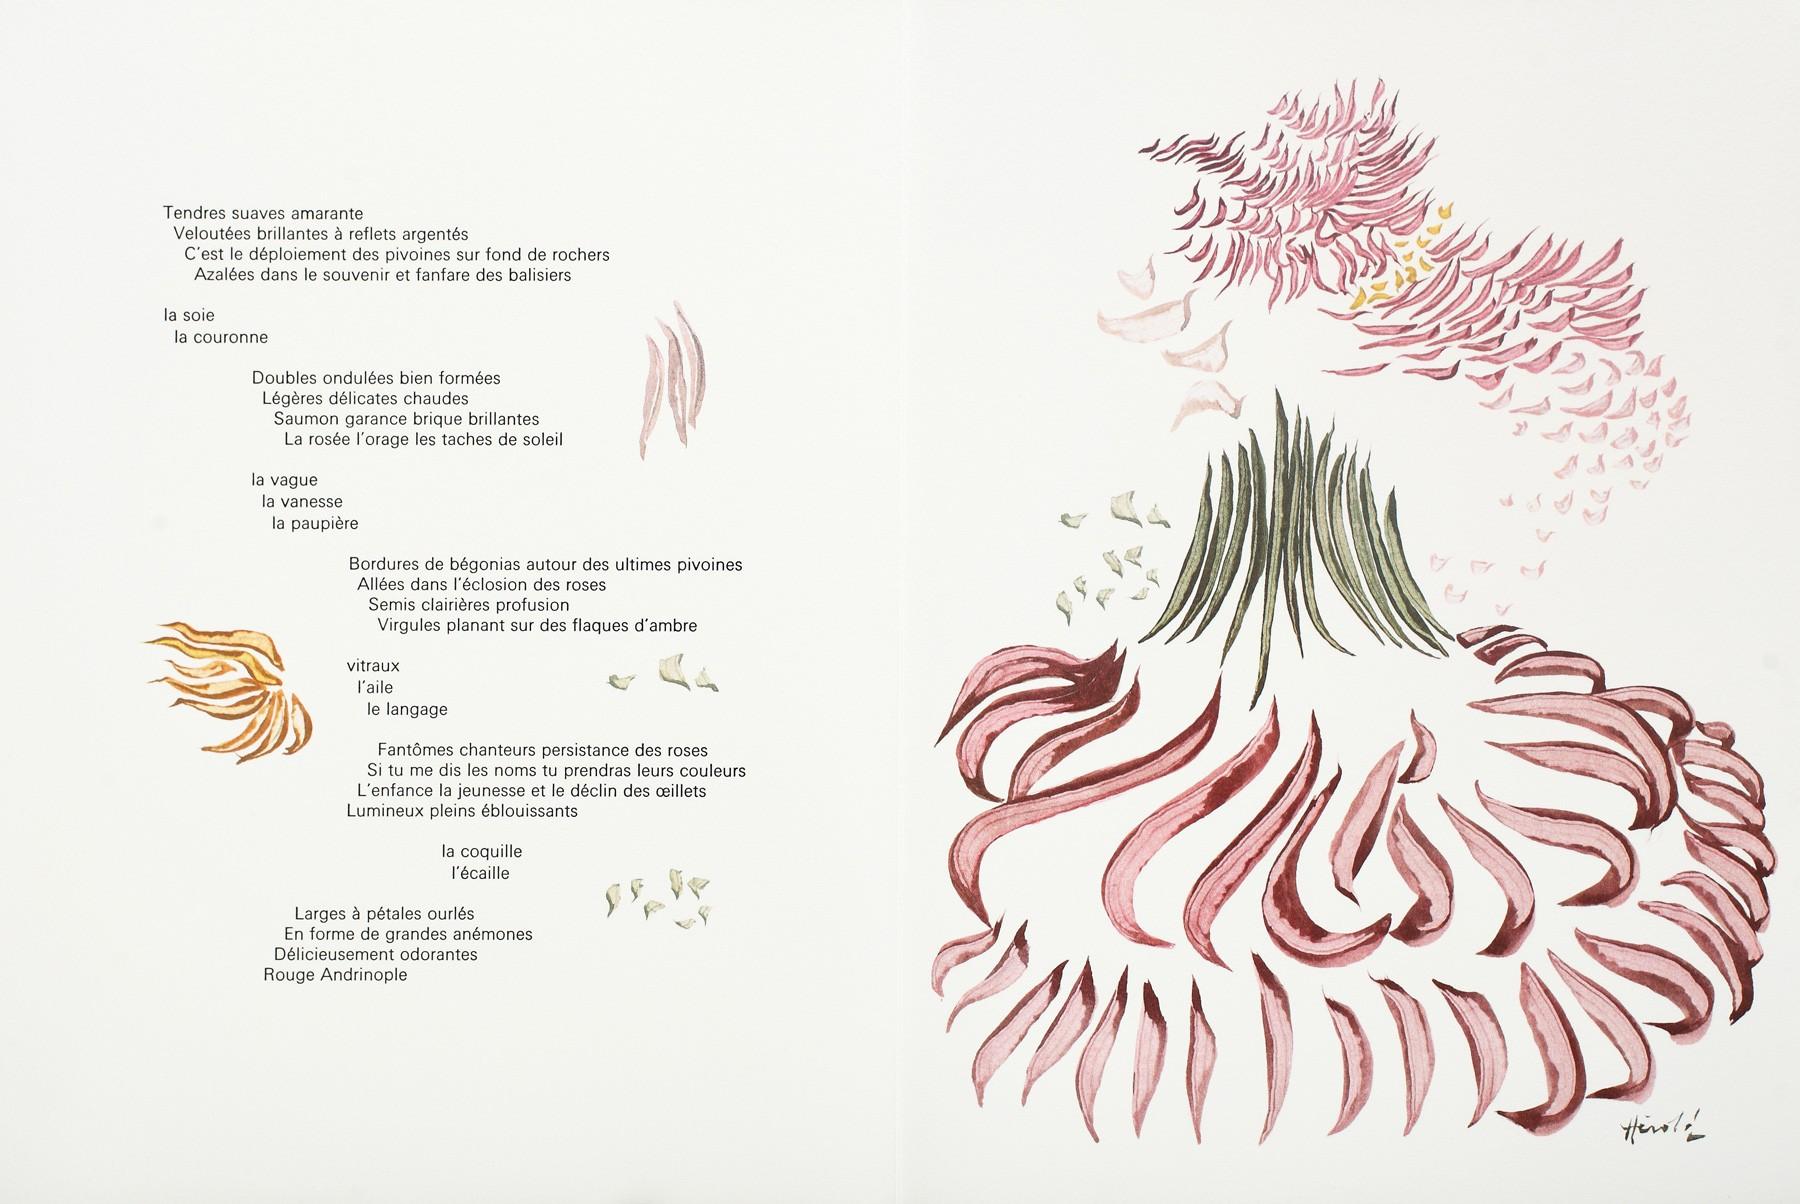 Lot 16, Jacques Hérold - Passage de Fleurs. Map with 5 engravings ...